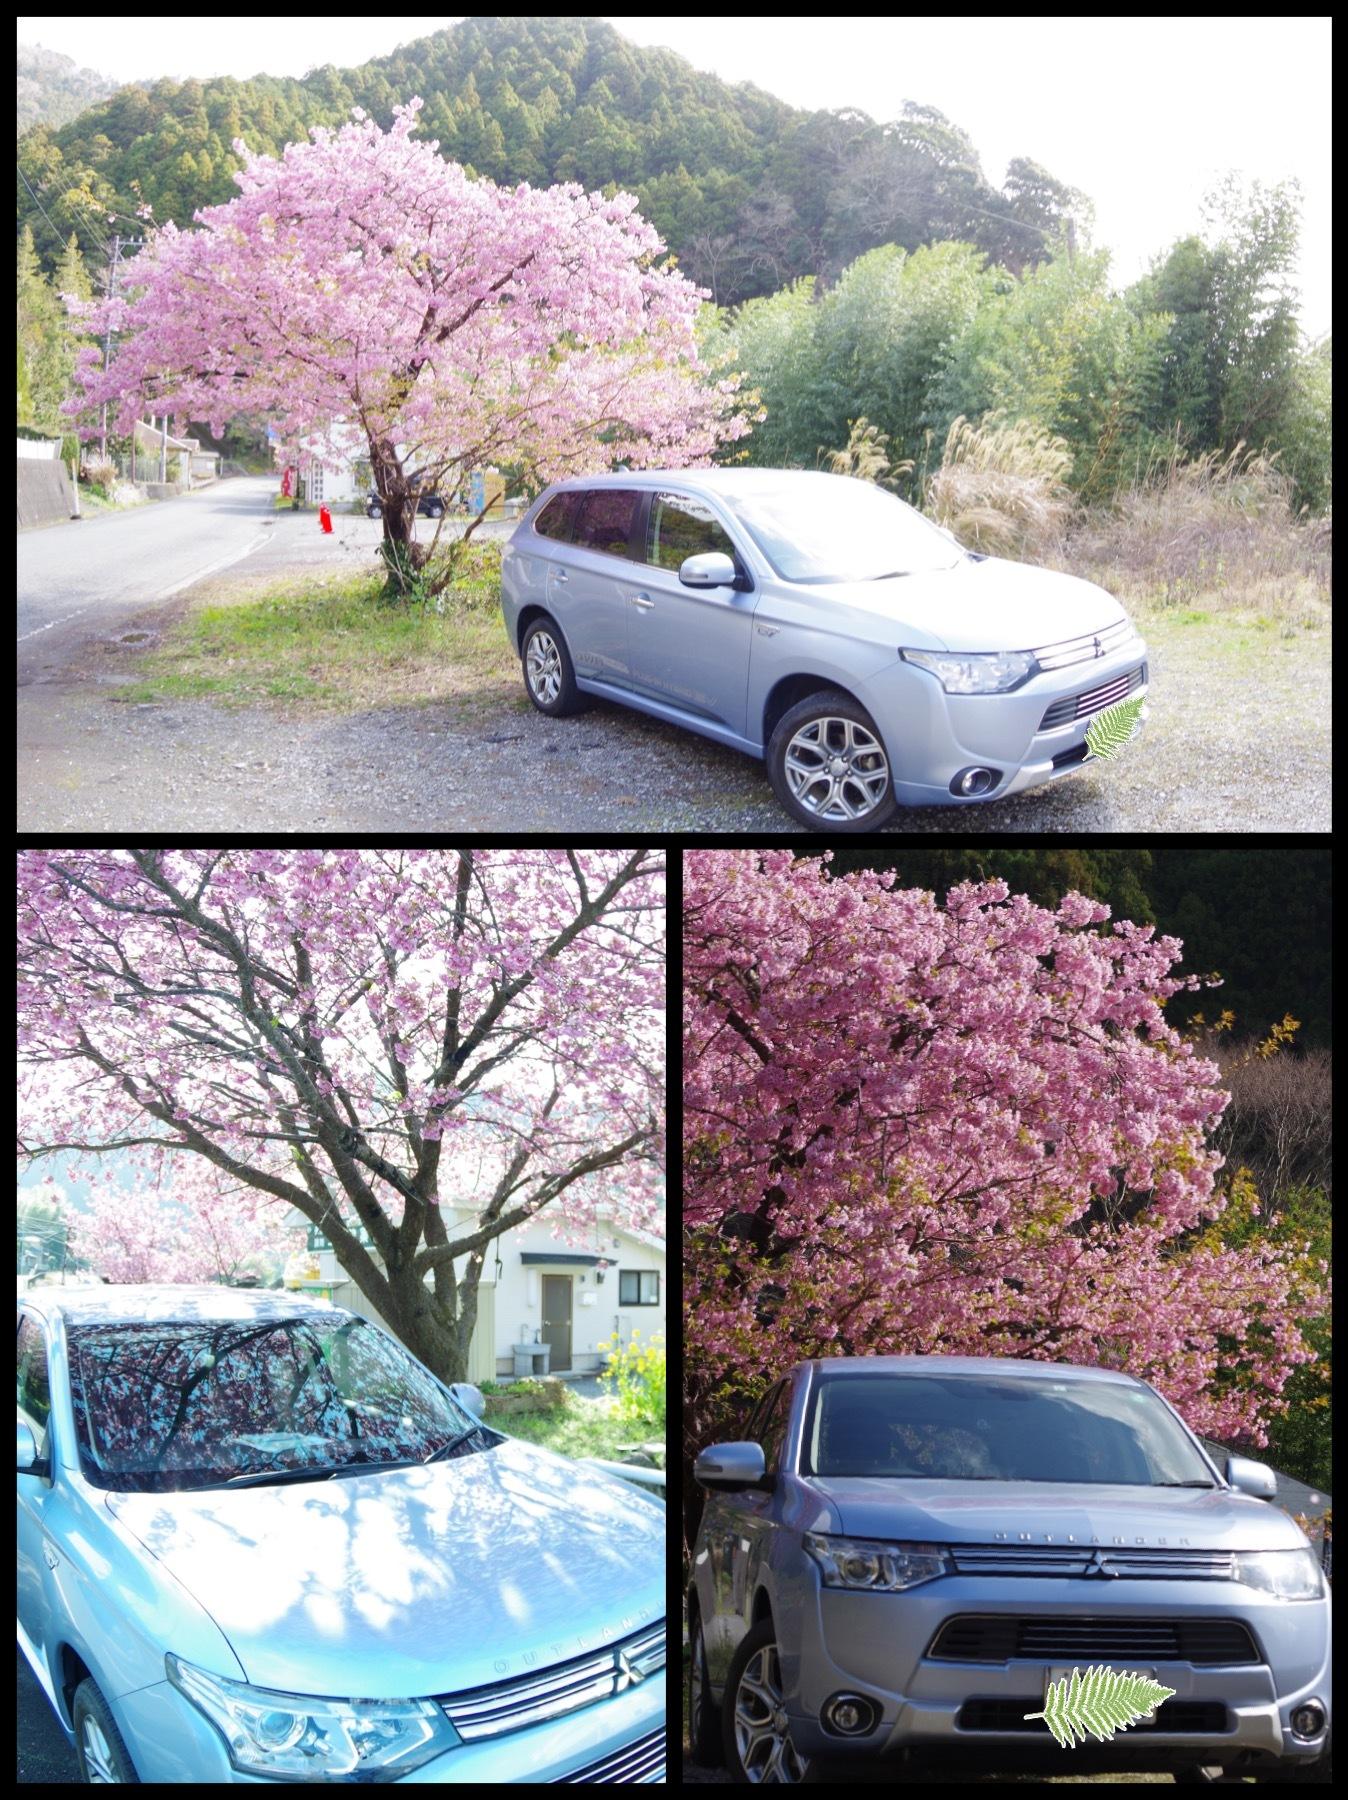 河津桜祭り2020 伊豆河津町 アウトランダーPHEV